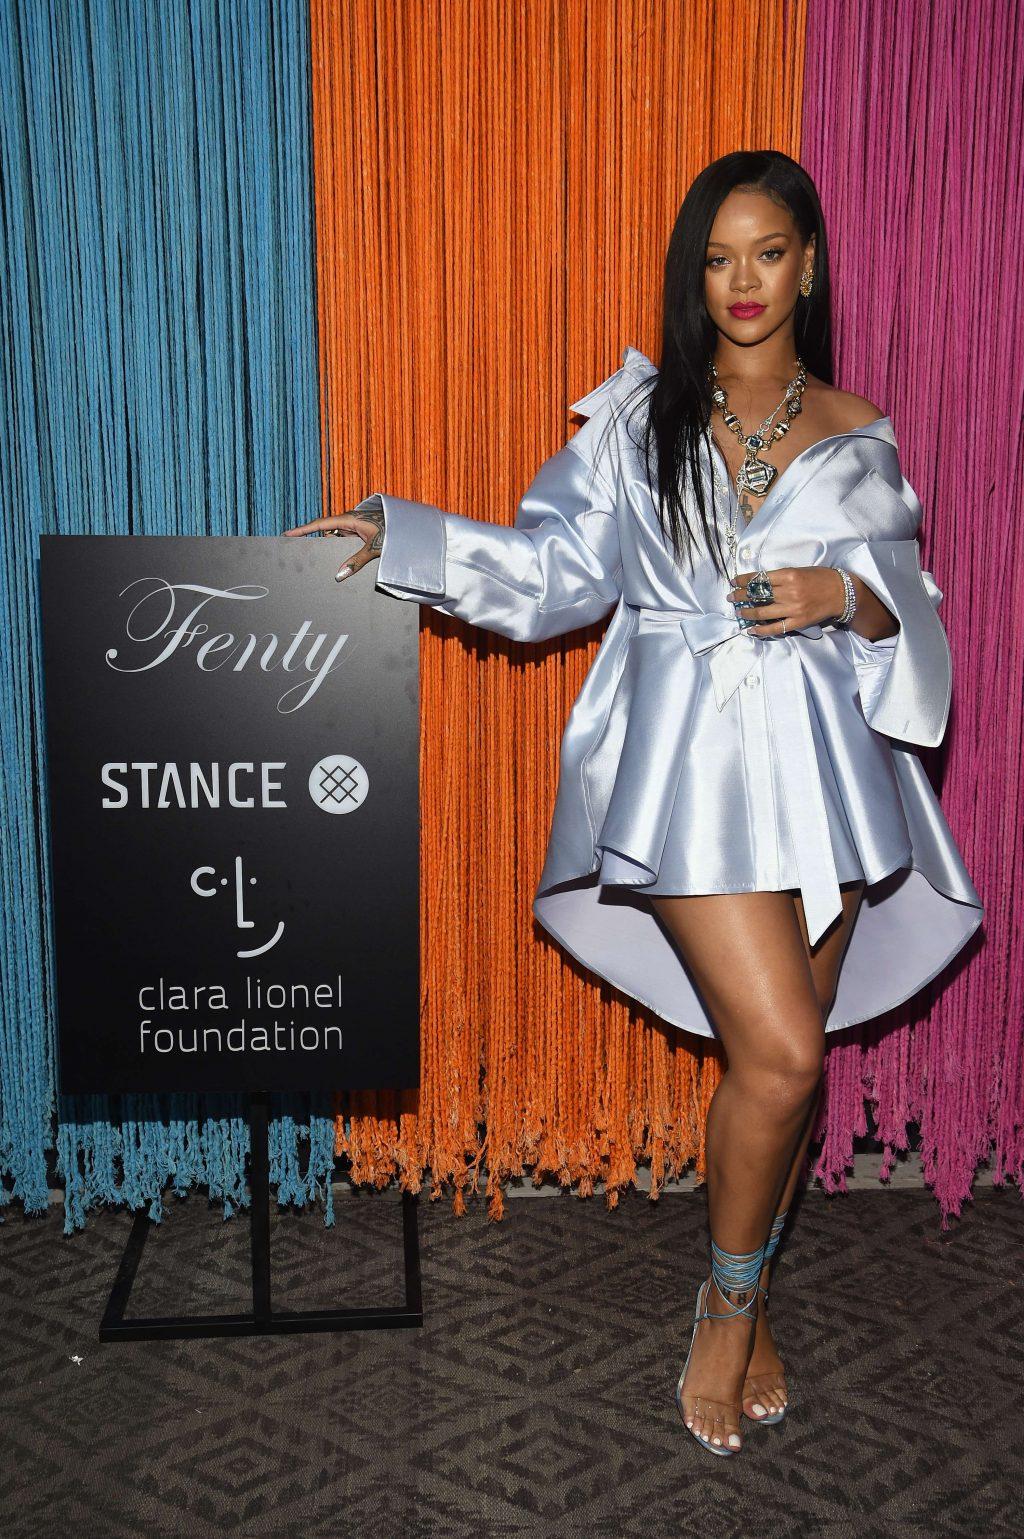 rihanna mặc áo trễ vai đứng cạnh booth Fenty